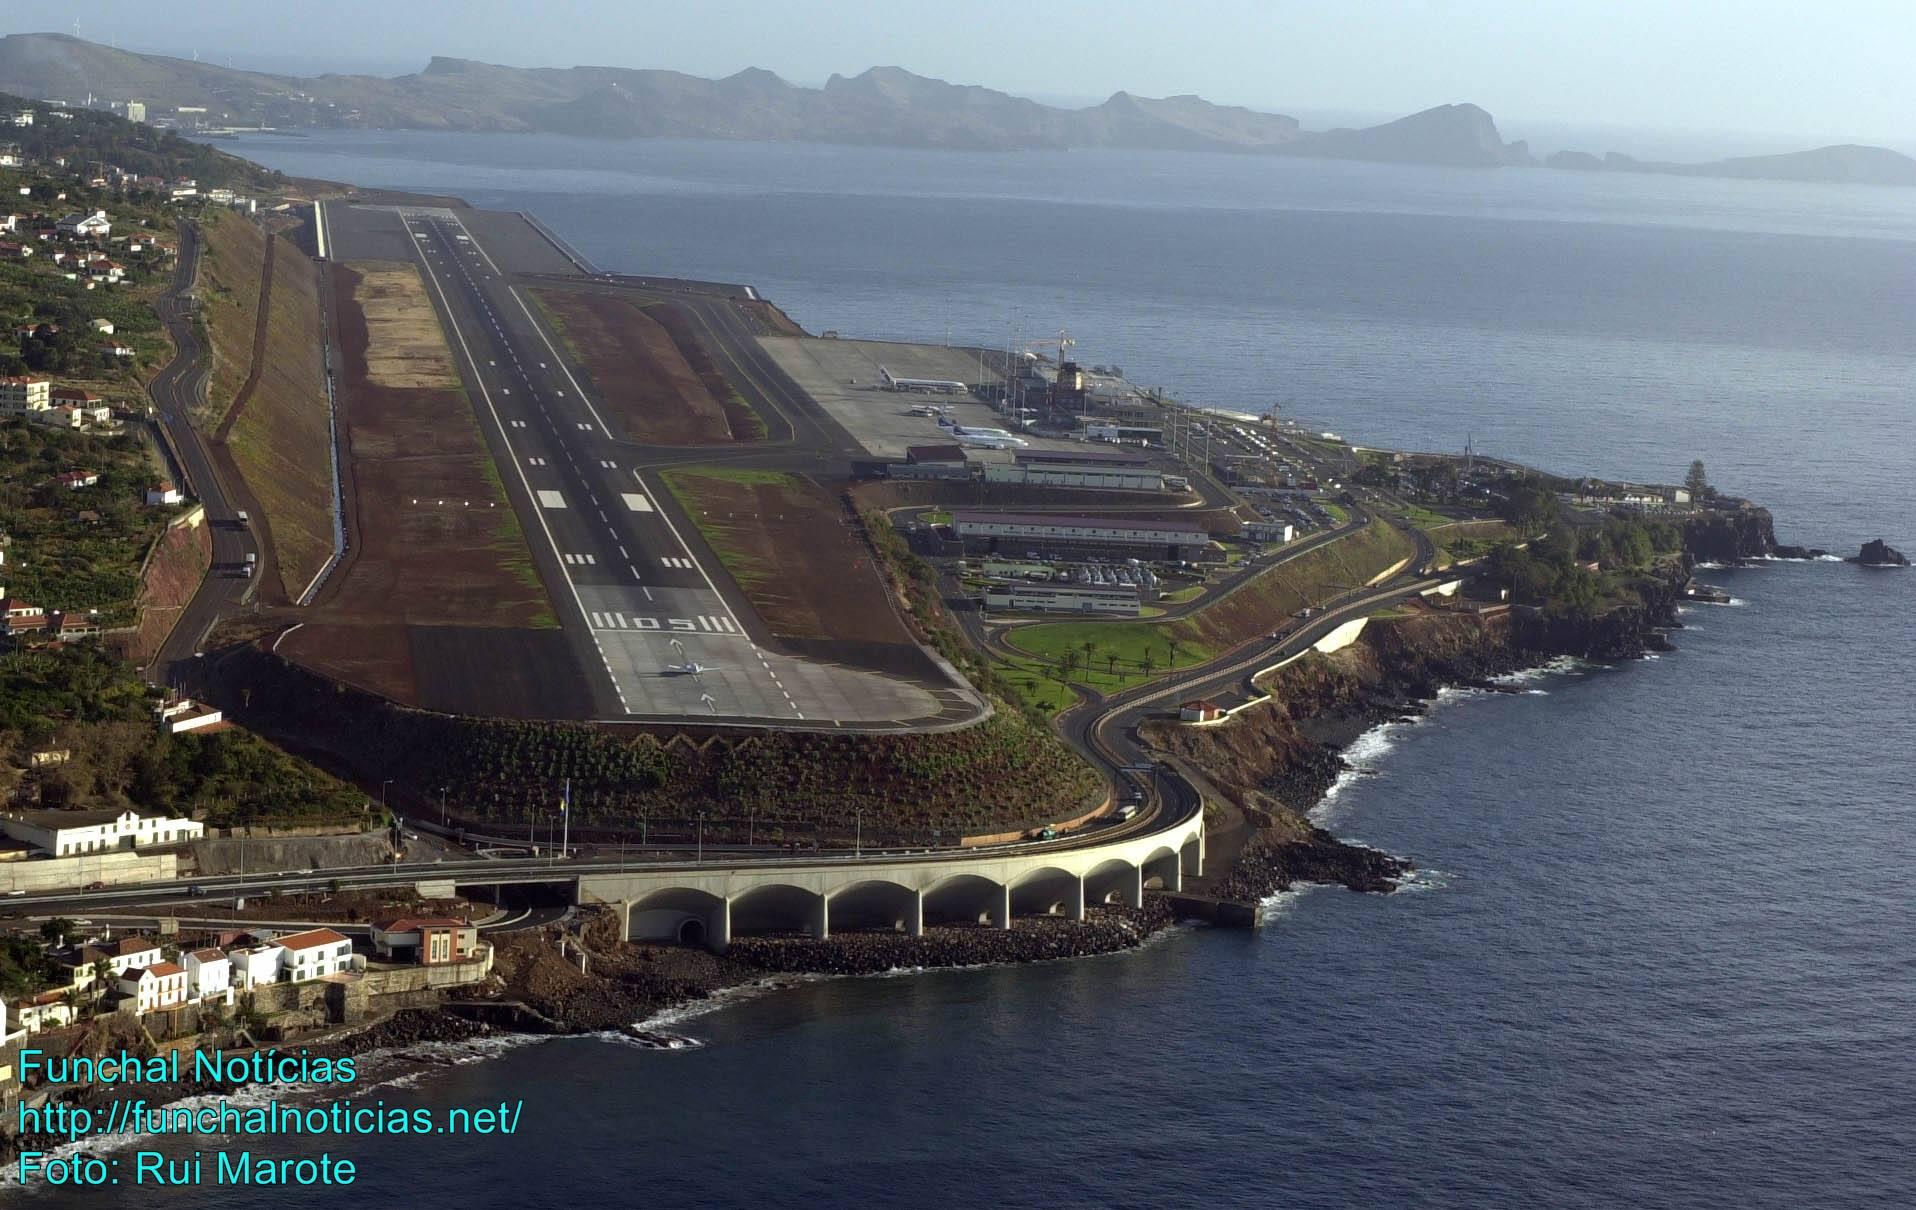 Aeroporto Madeira : Ana não revela pormenores sobre utilização da sala vip do